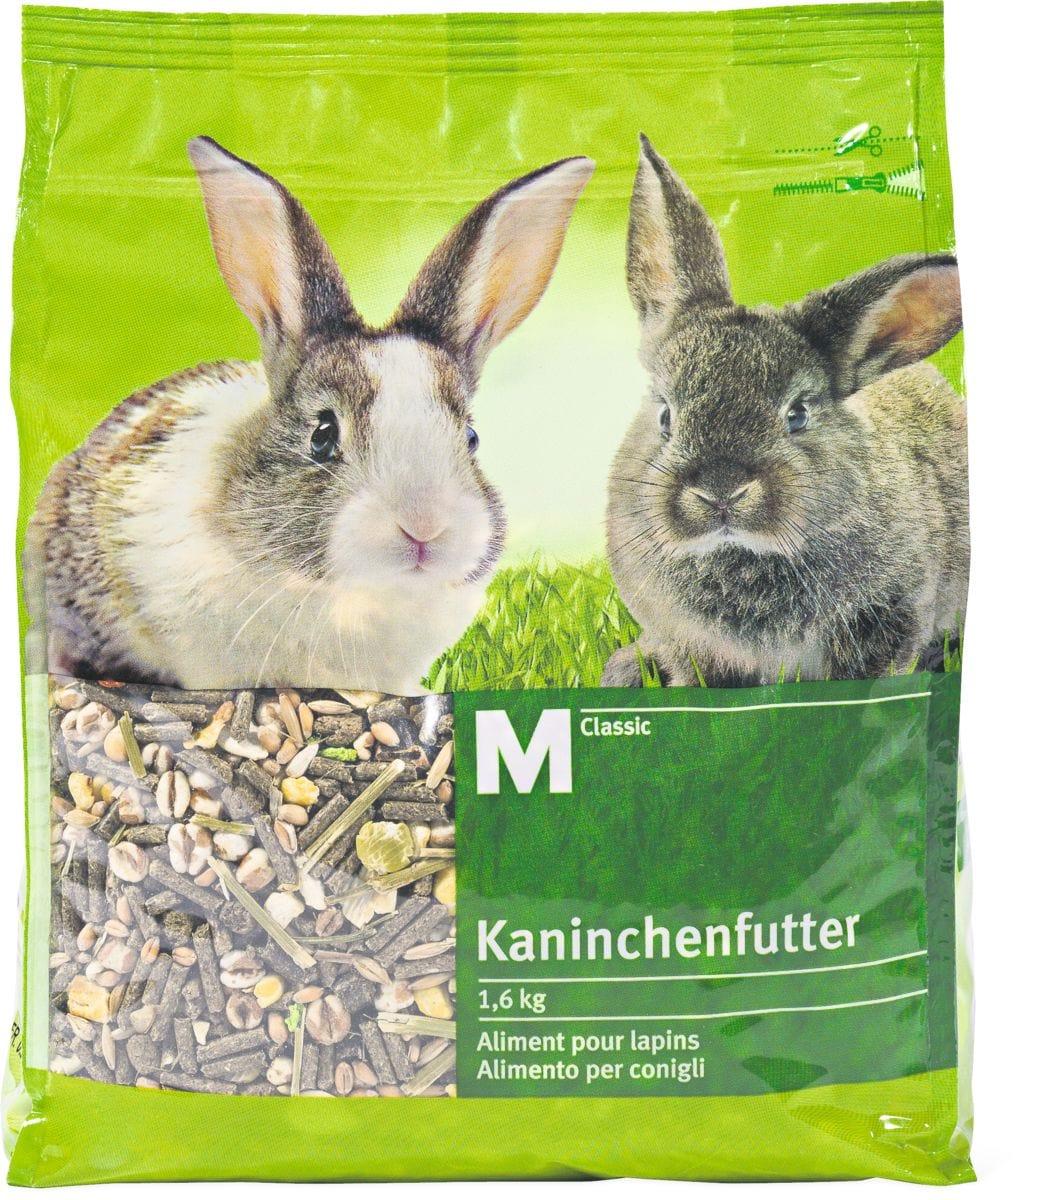 Aliment pour lapins